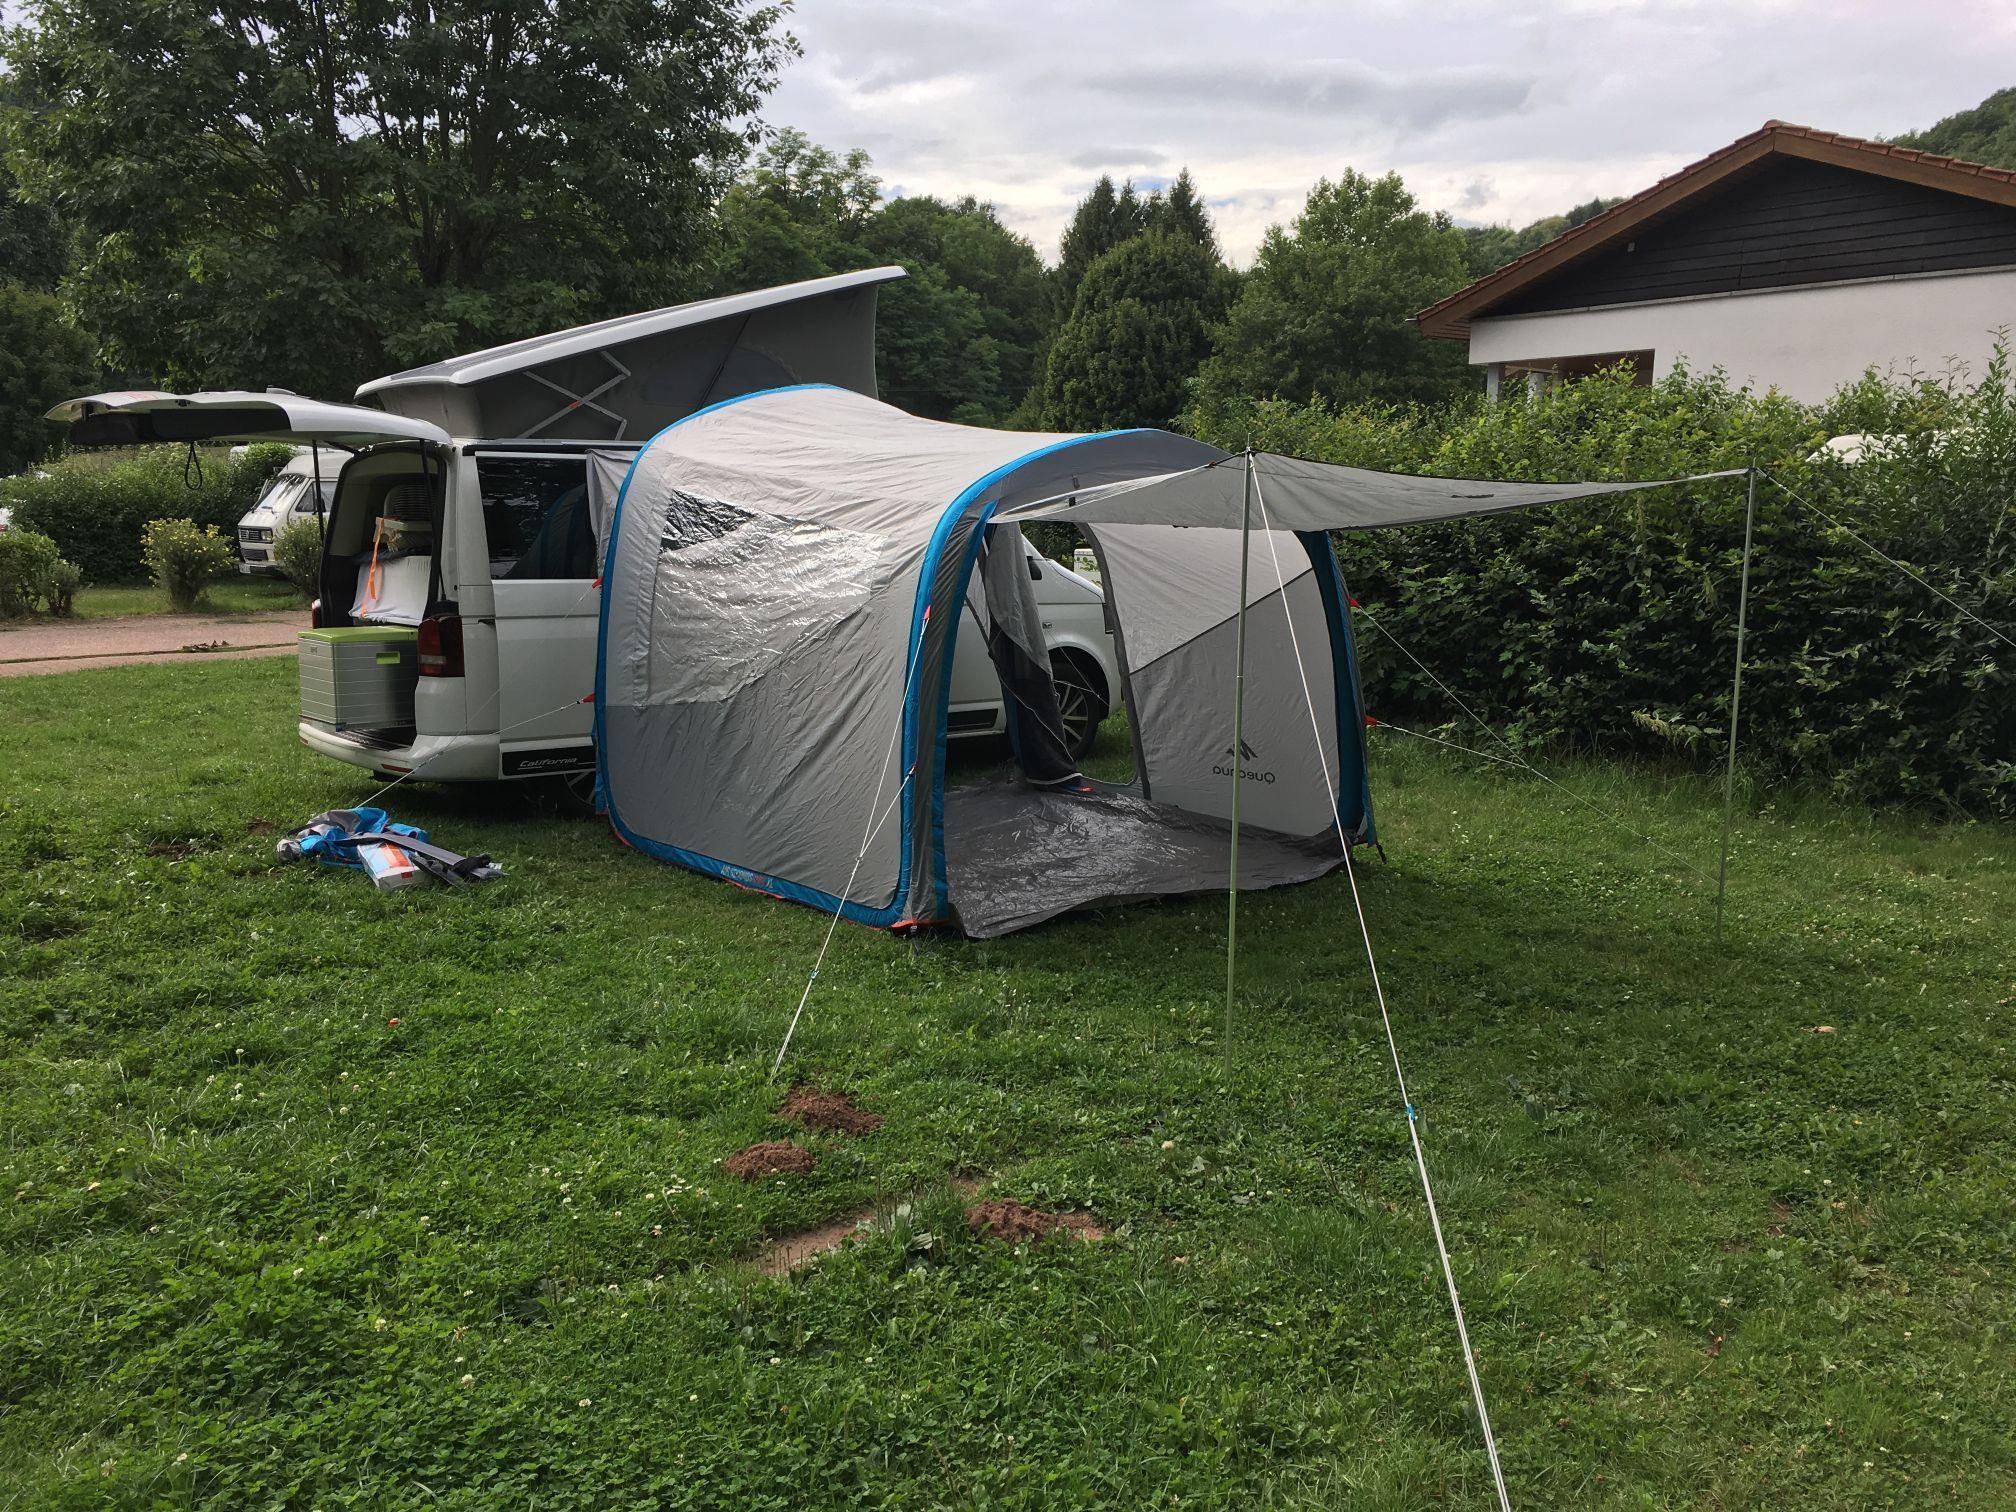 vw t5 vorzelt luft pumpe airbase quechua camper van img. Black Bedroom Furniture Sets. Home Design Ideas